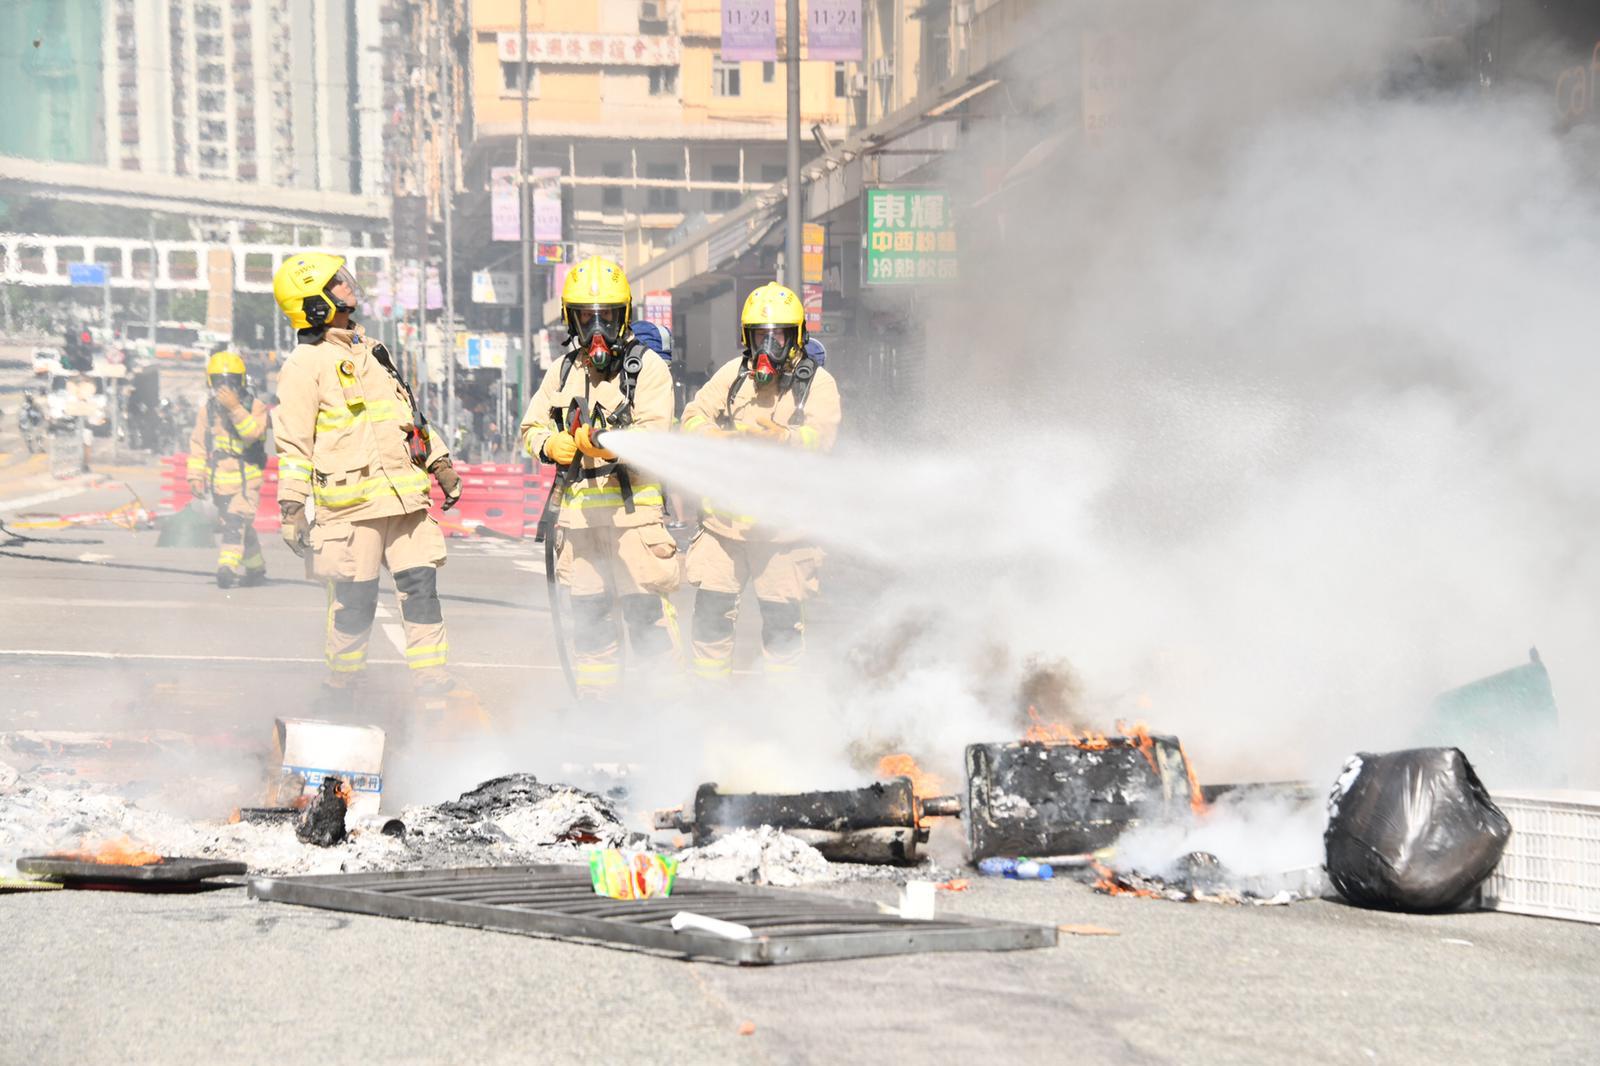 消防員將火救熄。